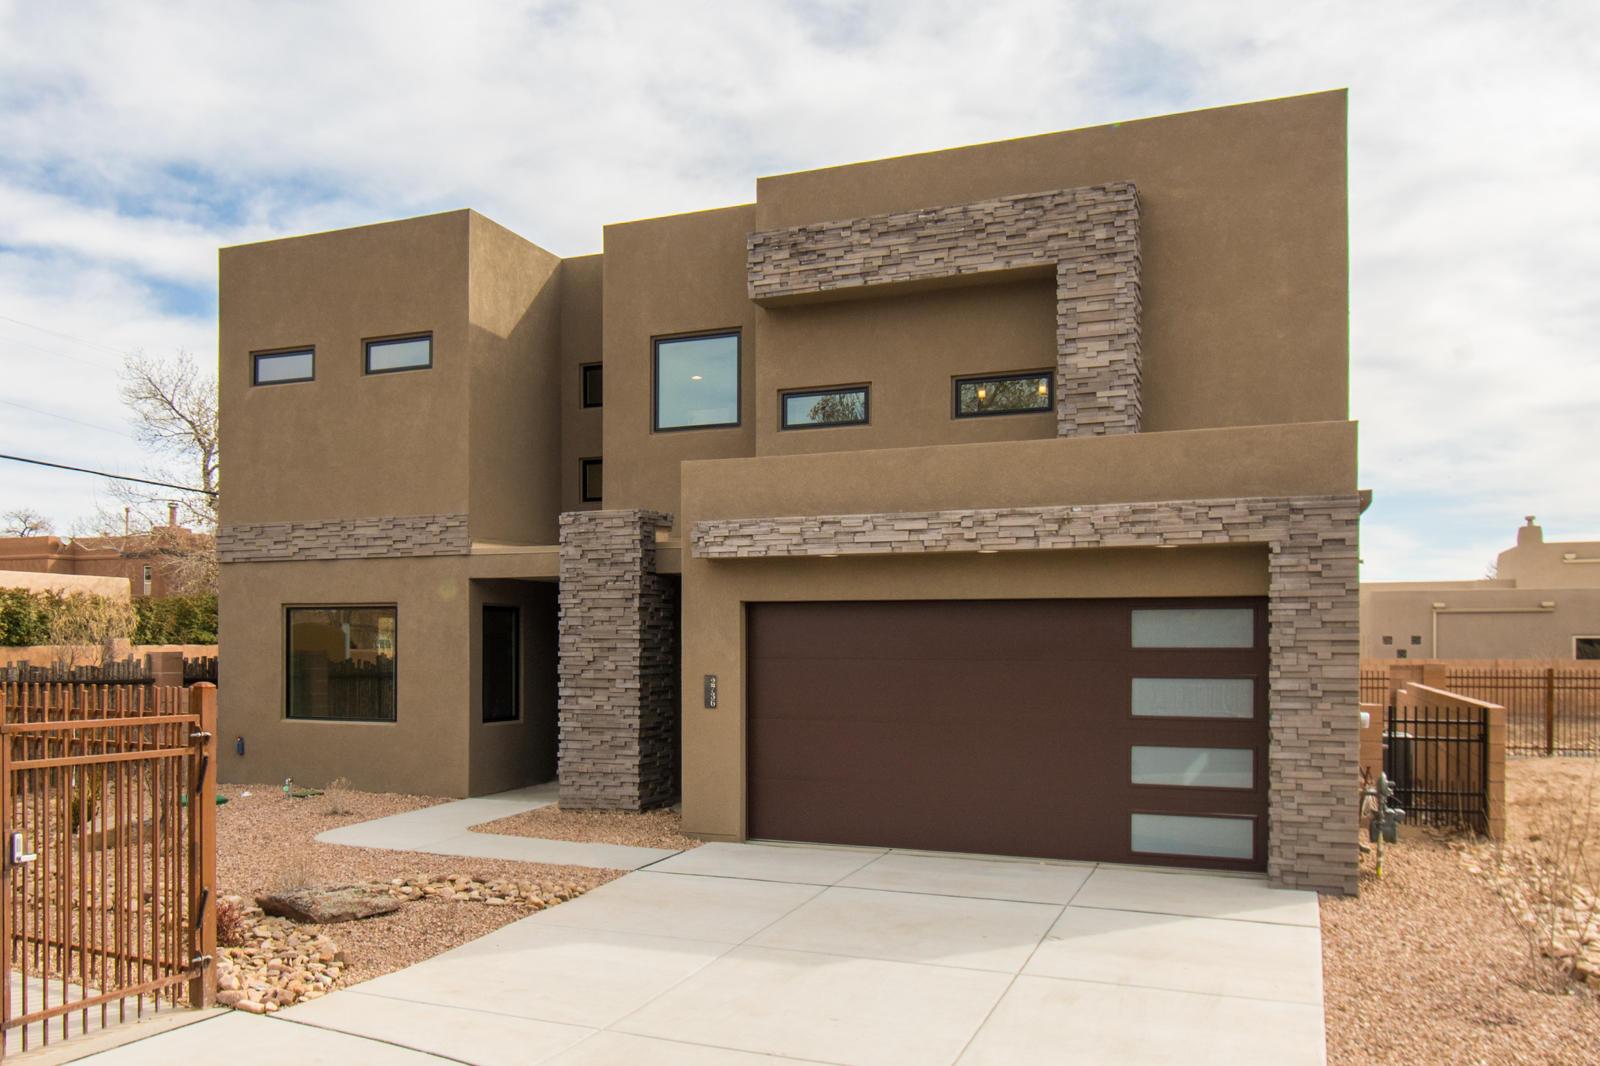 2708 PUERTA DEL BOSQUE Lane NW, Albuquerque, NM 87104 - Albuquerque, NM real estate listing